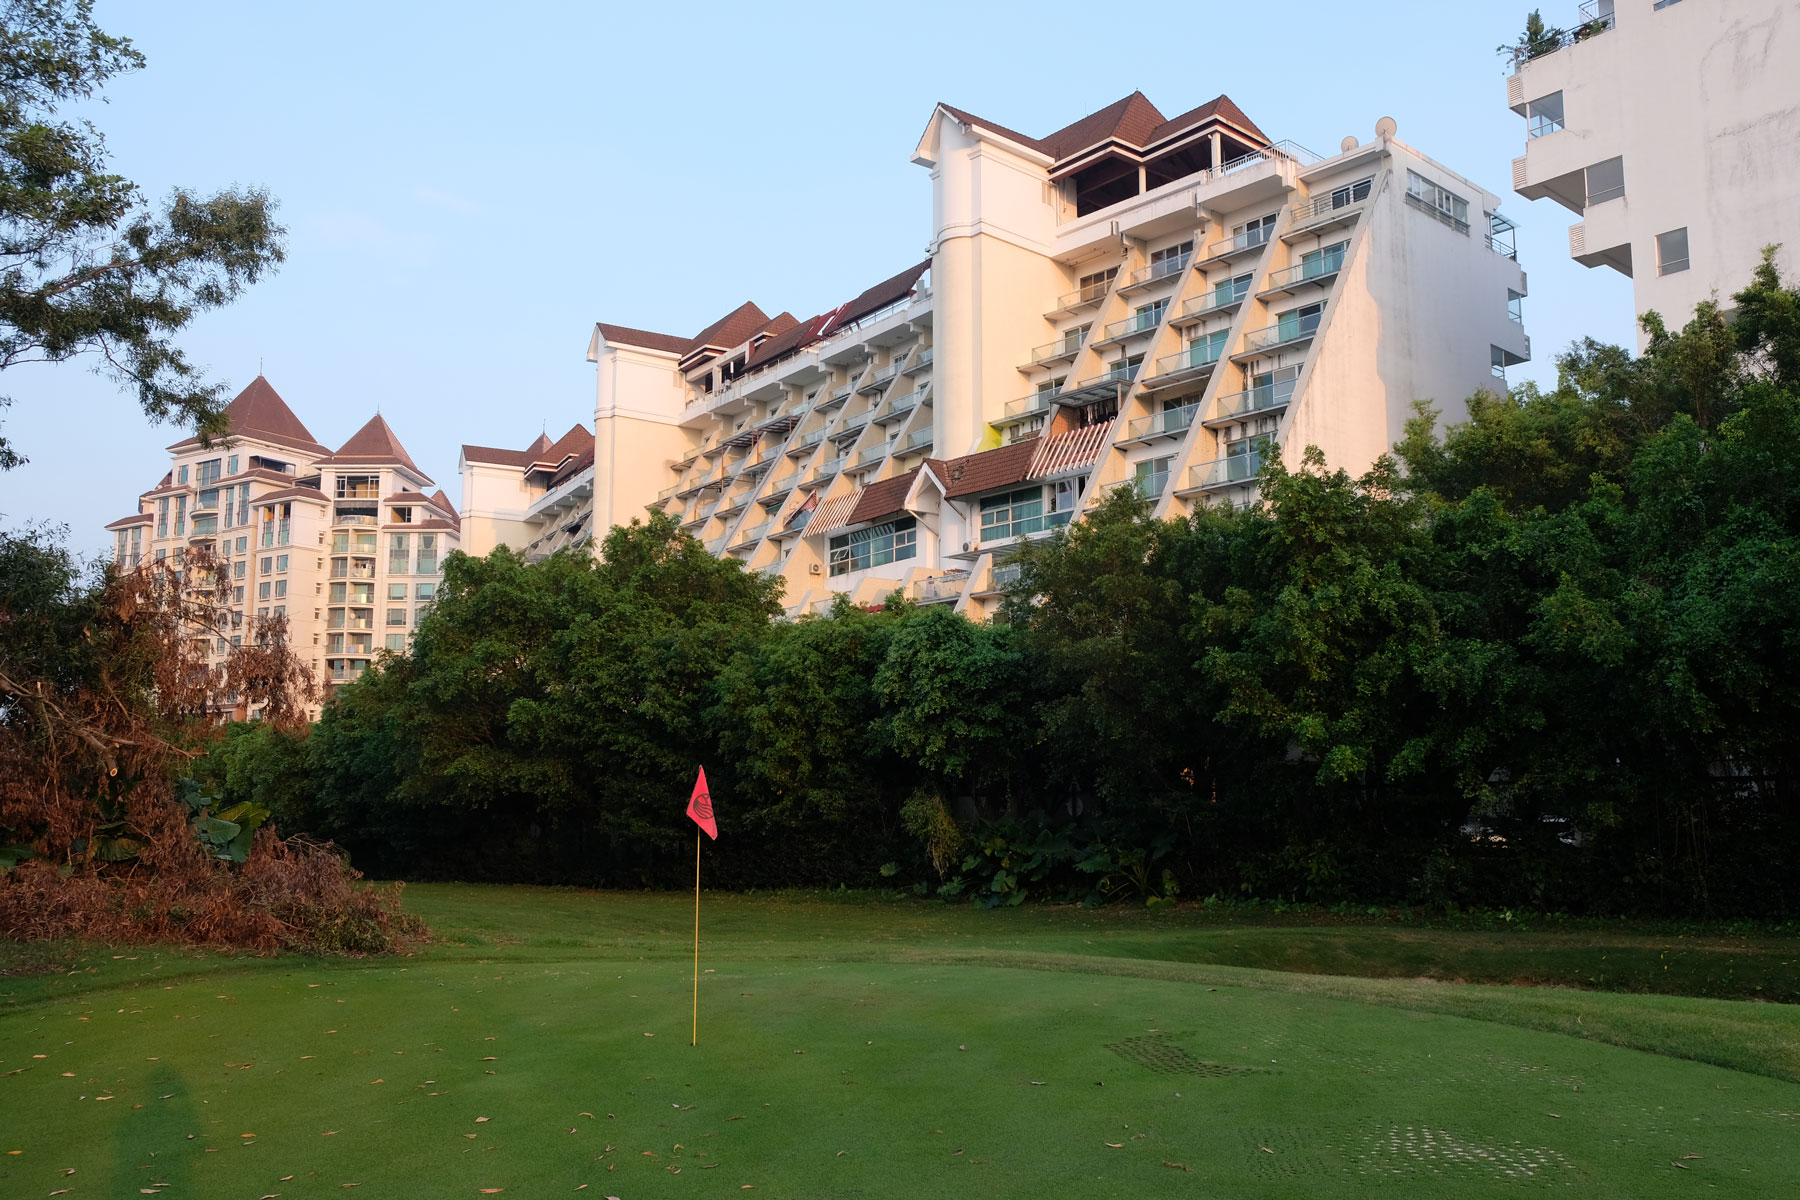 House Sitting machen wir in Shenzhen in China mitten auf dem Golfplatz.